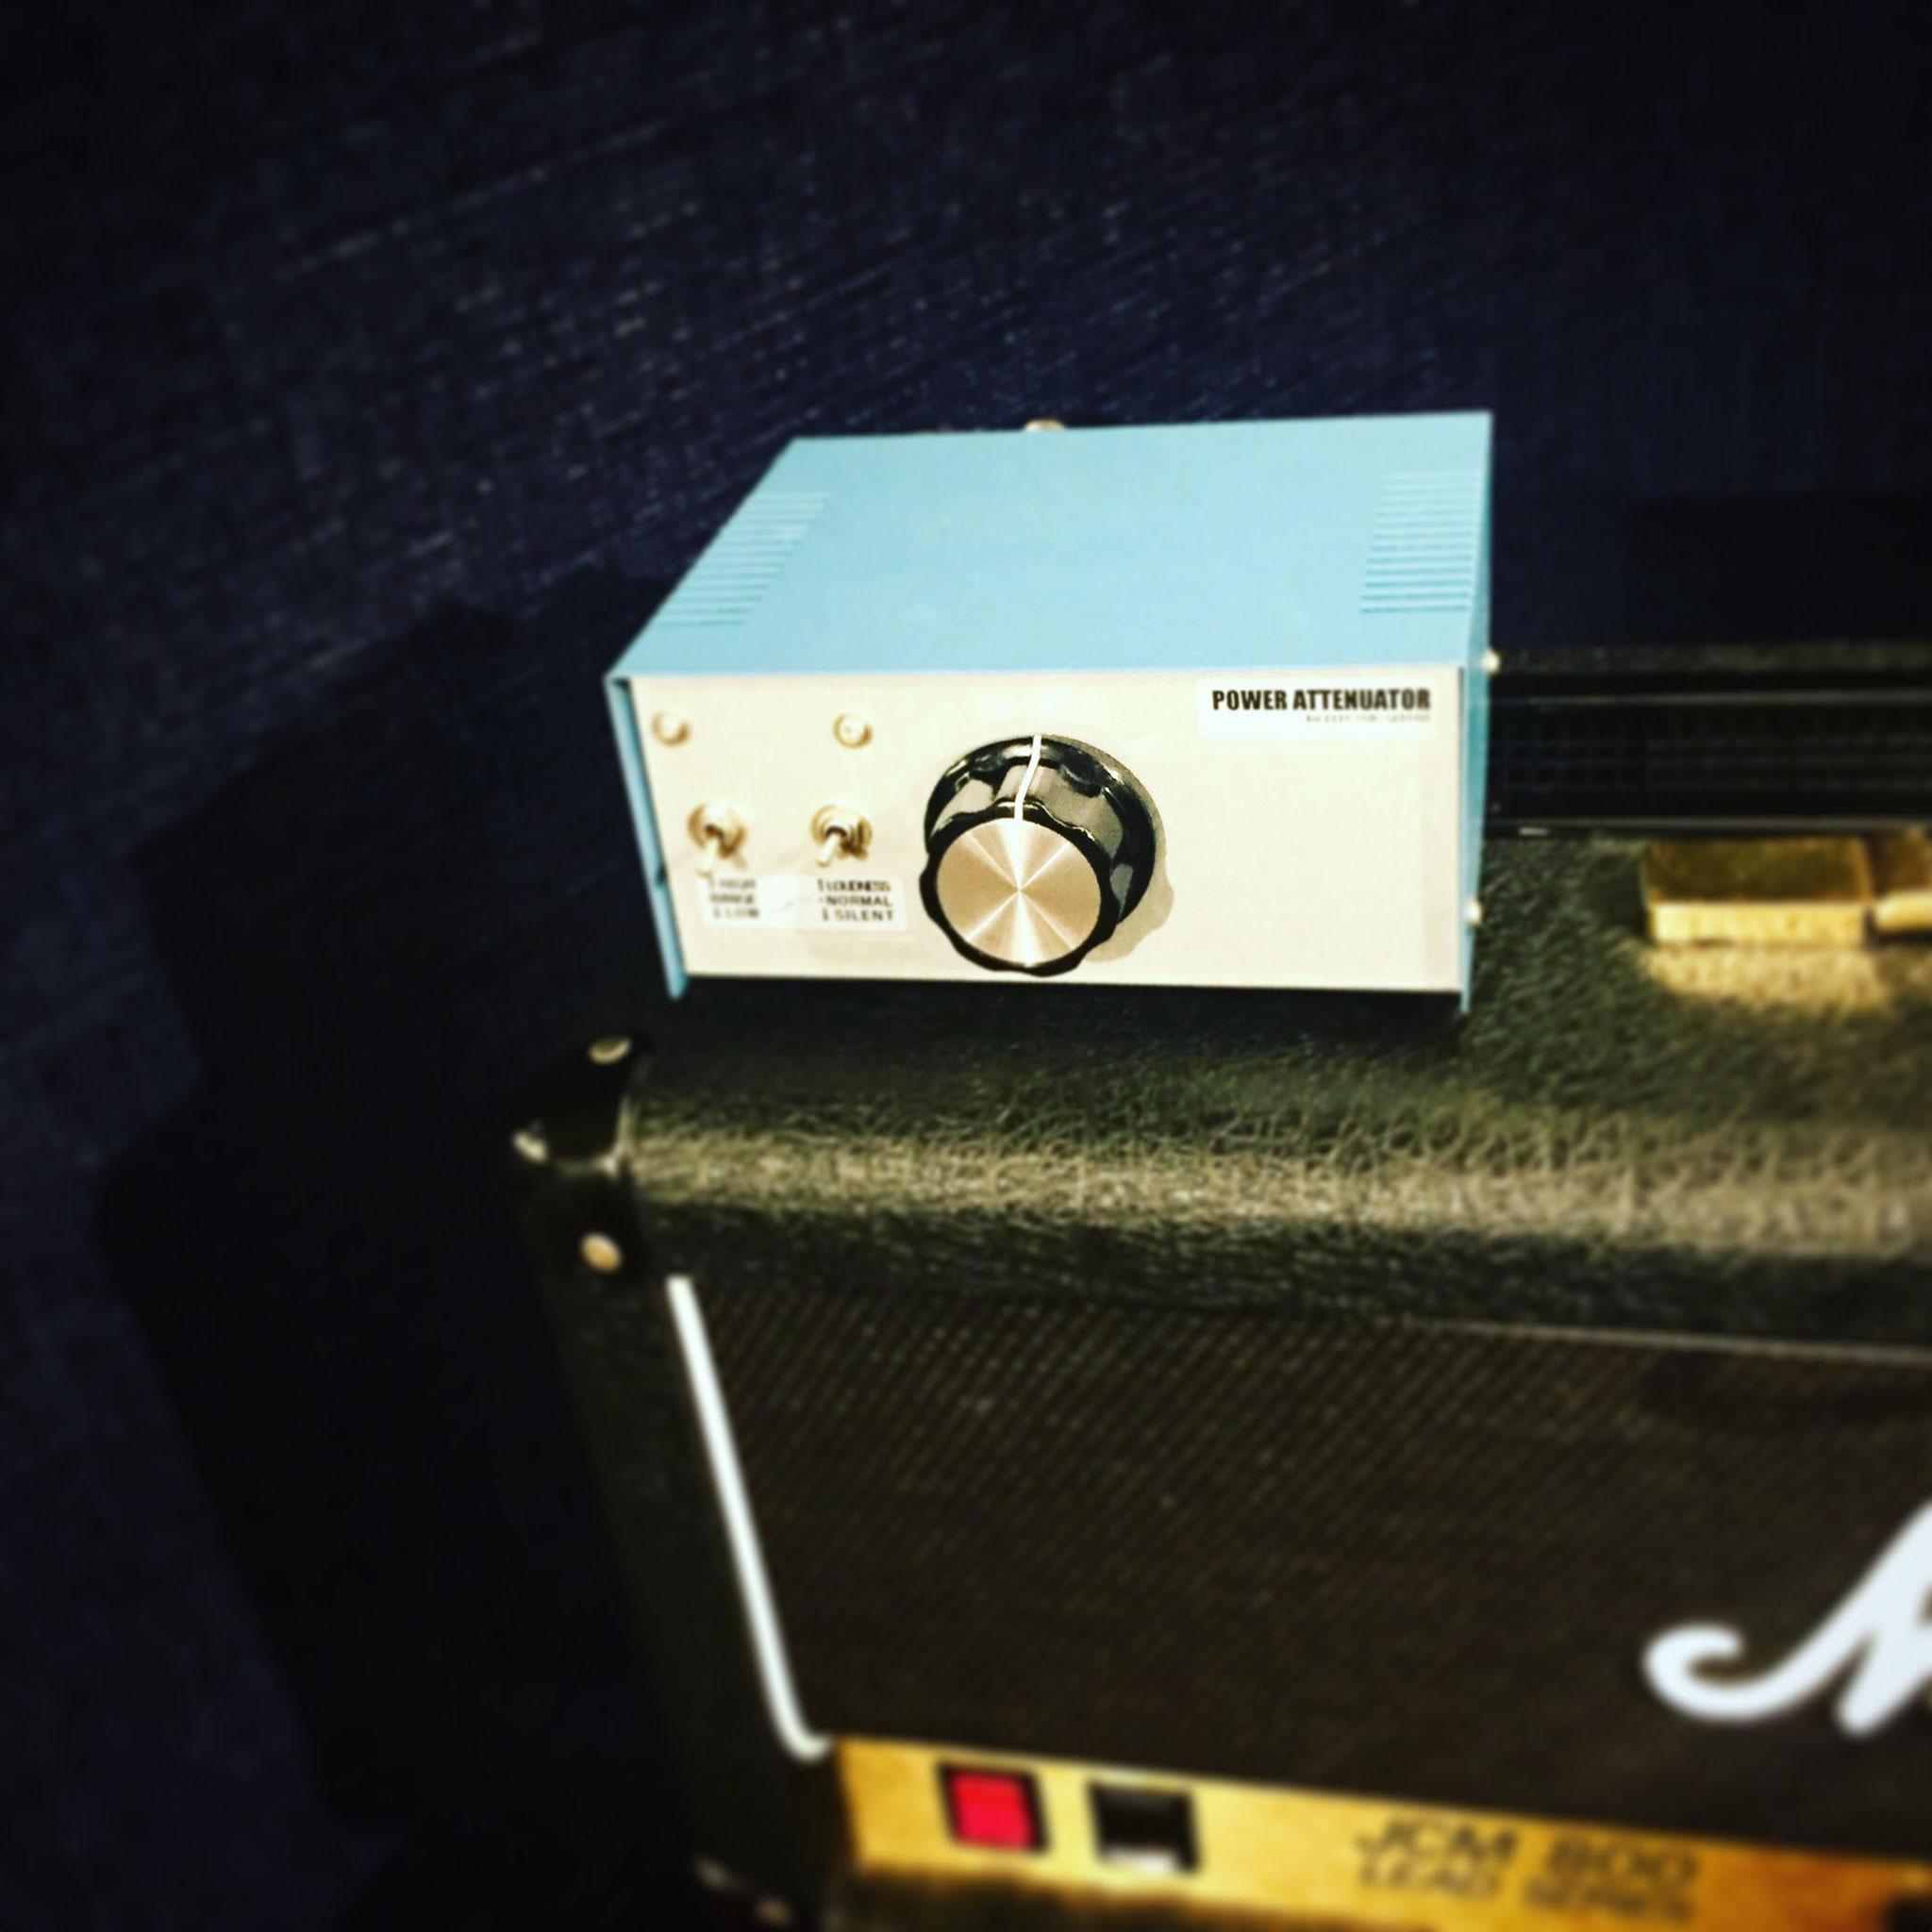 アッテネーター 真ん中のノブで音量を調整 JCM800に接続中